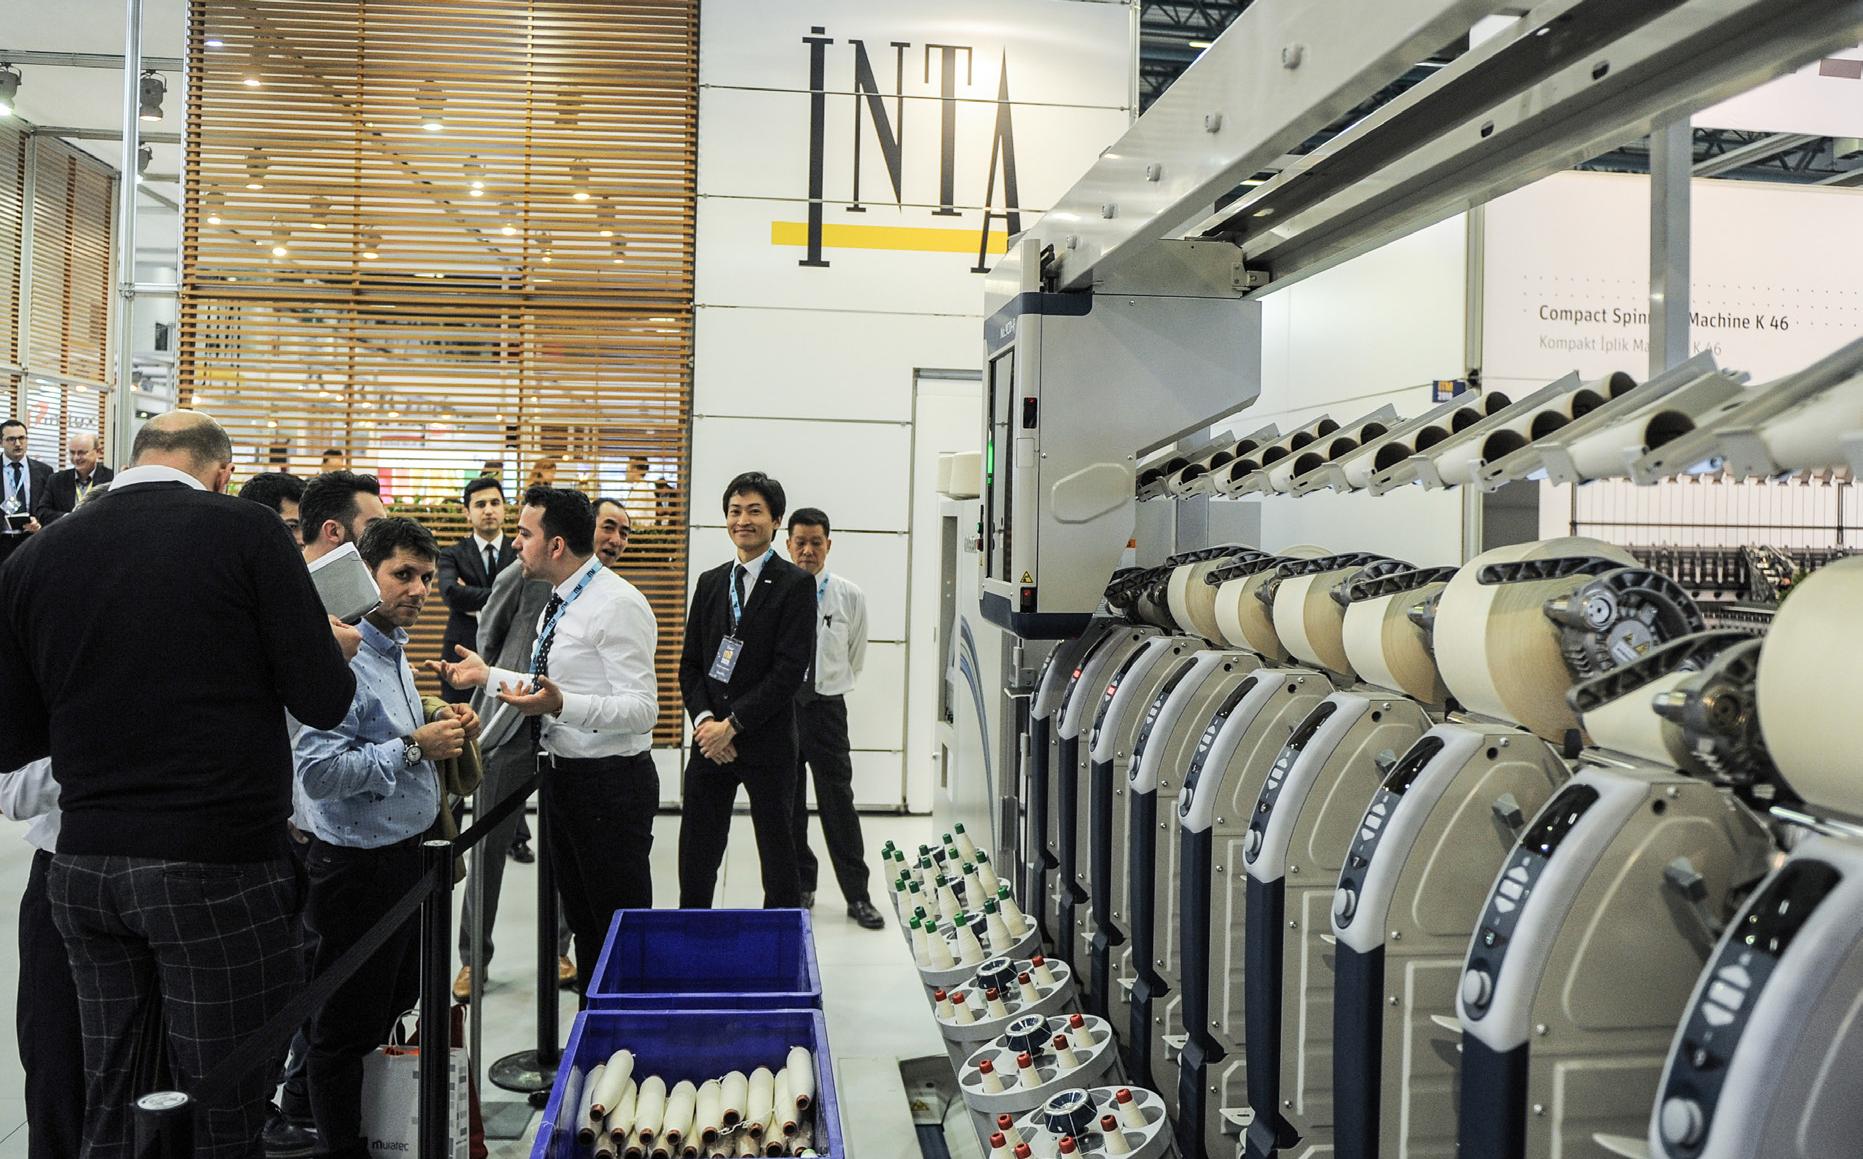 İnta Makina, Tüm Mümessillikleriyle Birlikte İplik Sektörüne Katkıda Bulunuyor